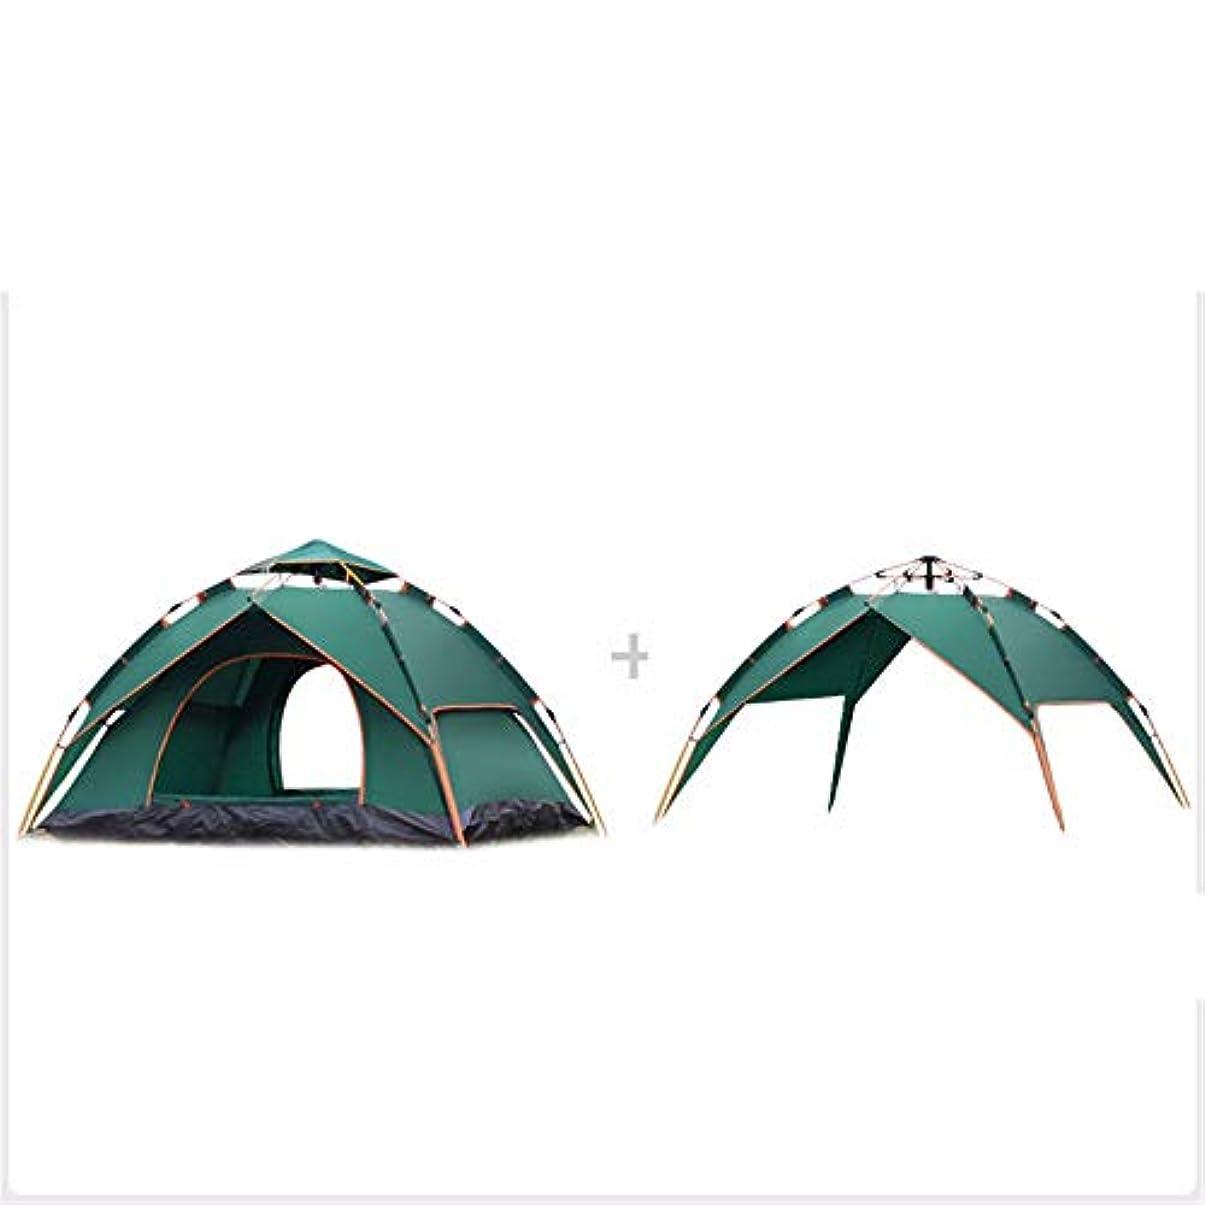 文庫本装備する影のあるキャンプテント 屋外ポップアップUVビーチテント自動ドームテント家族日焼け止めテントキャンプ屋外庭釣りピクニック 軽量で便利なテント (Color : Green)